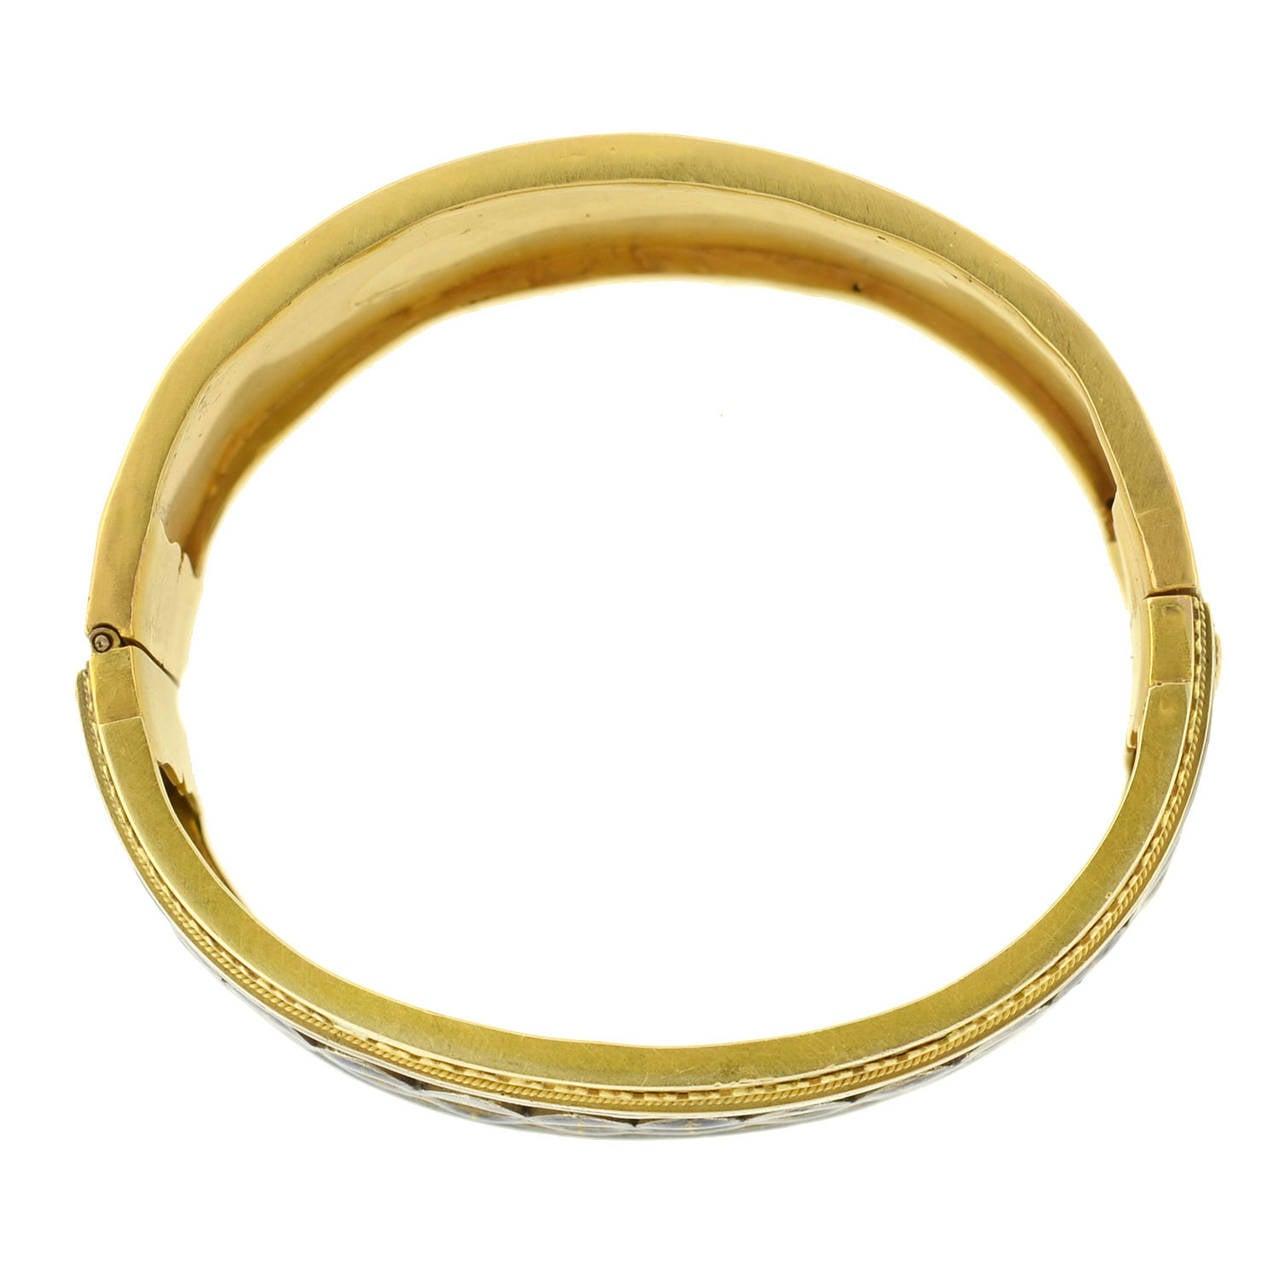 Victorian Blue Enamel Etruscan Gold Bangle Bracelet For Sale 1